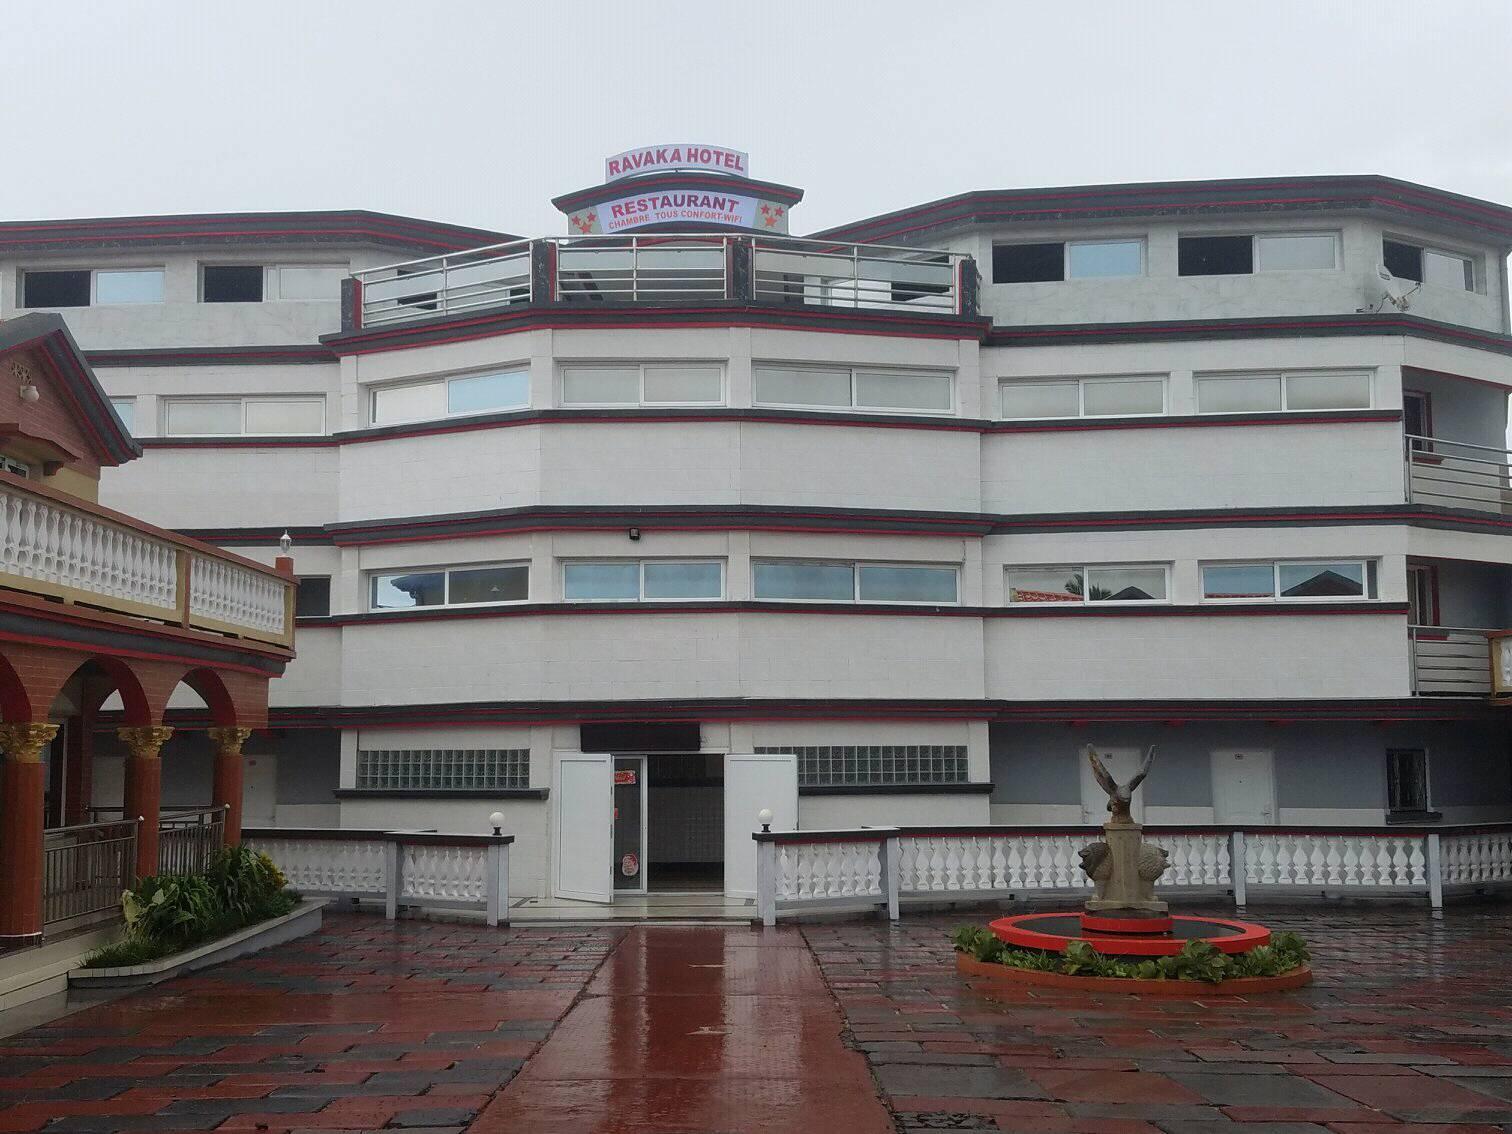 Hotel Ravaka